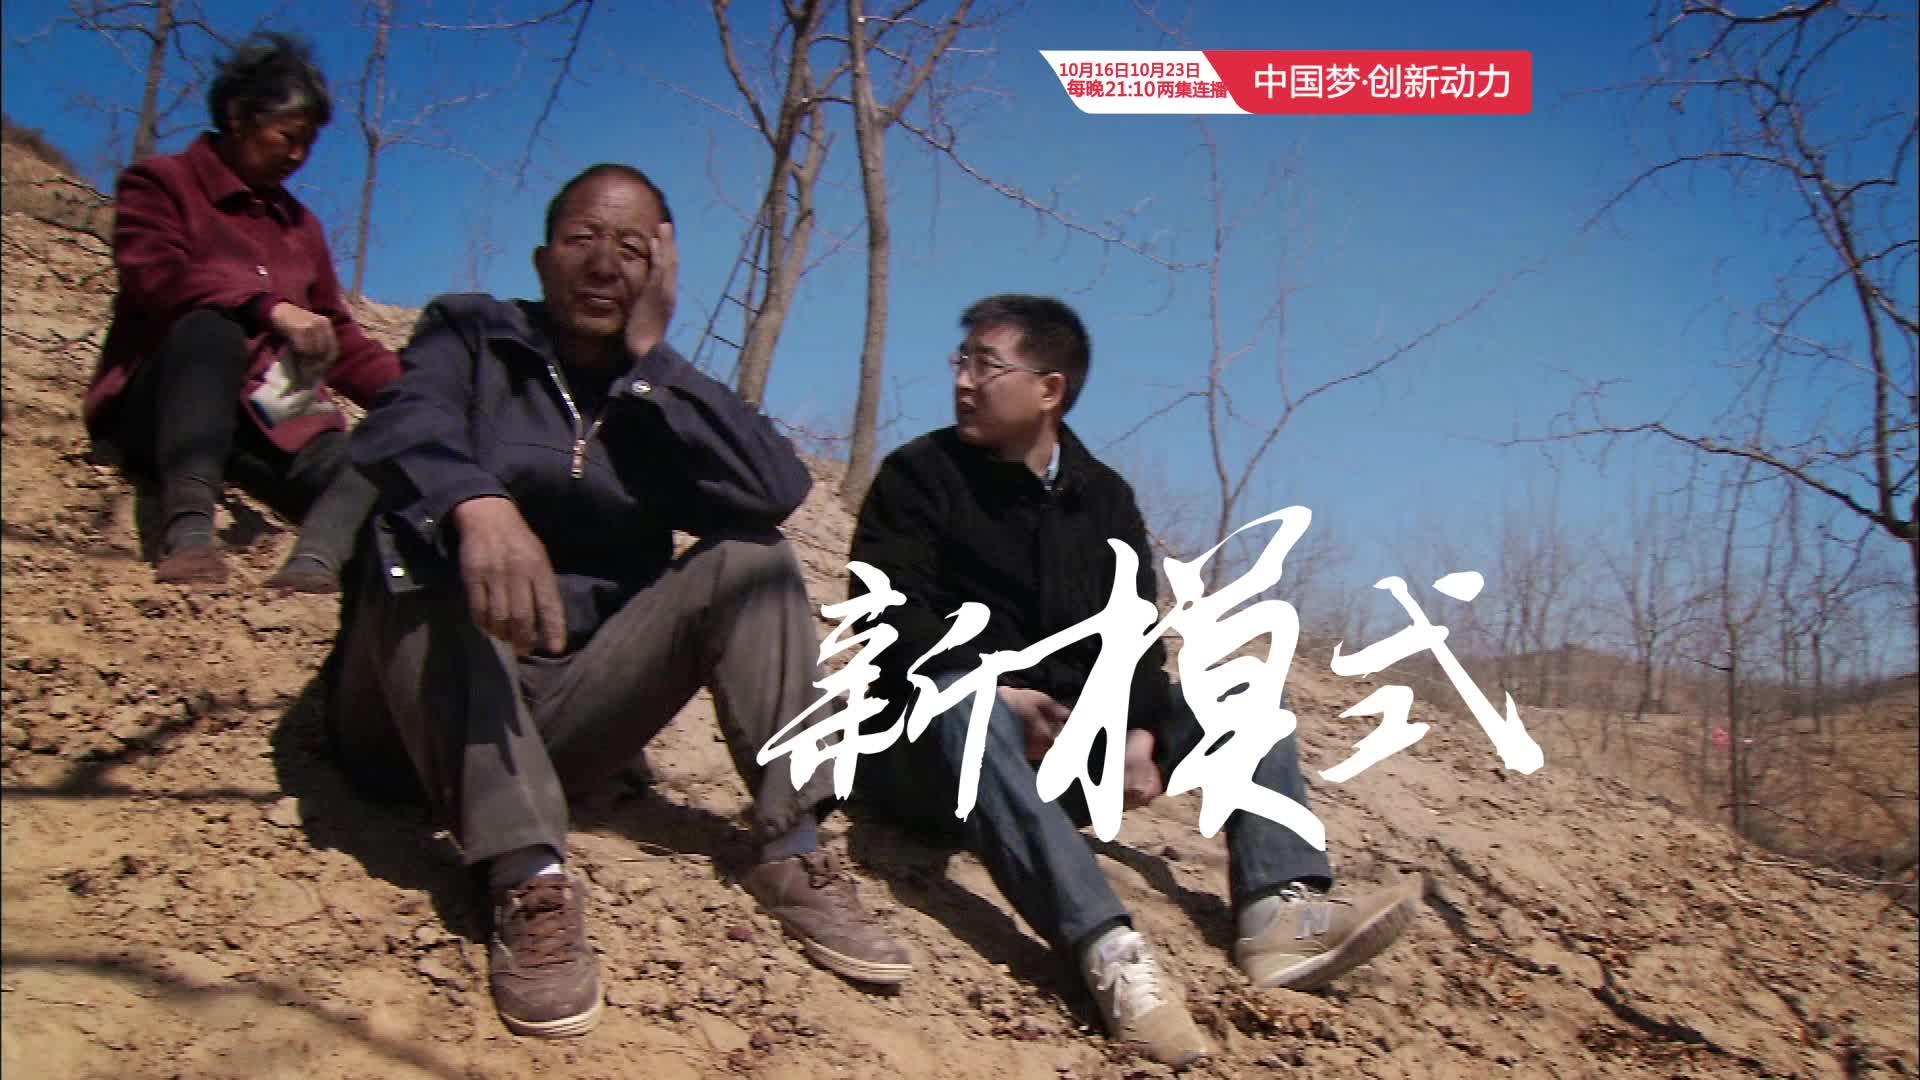 《中国梦·创新动力》 总宣传片